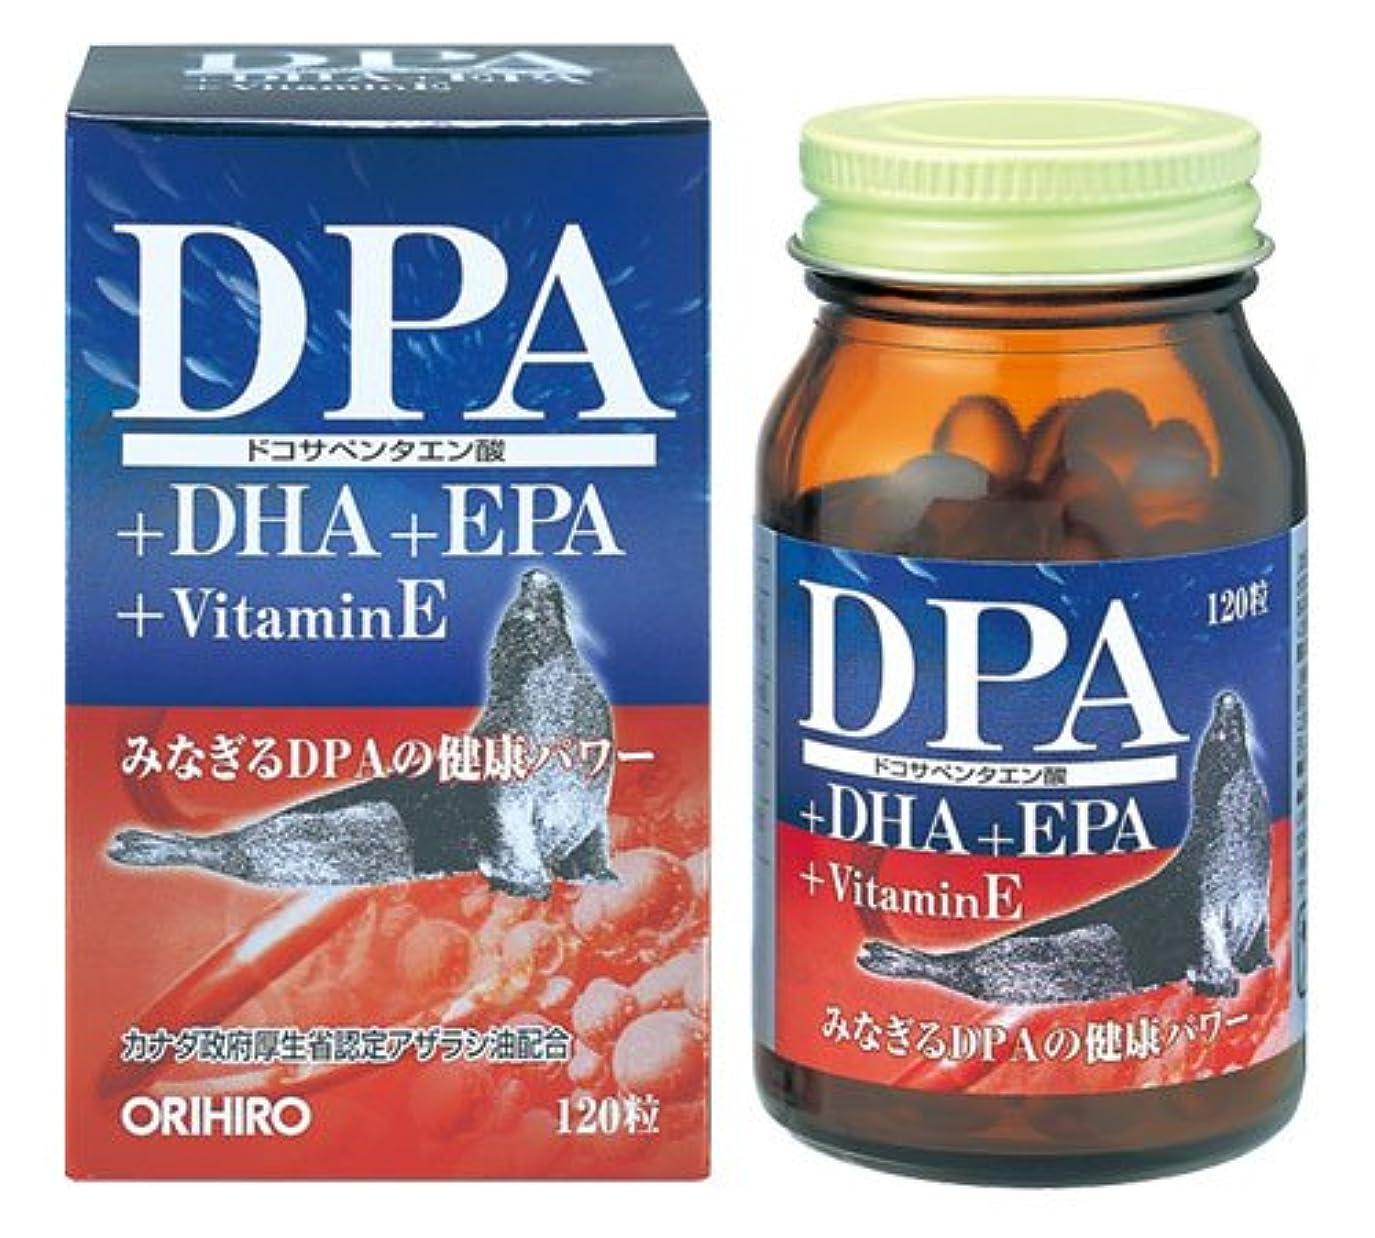 すり減る北方マーカーDPA+DHA+EPAカプセル 120粒(約1ヶ月分)